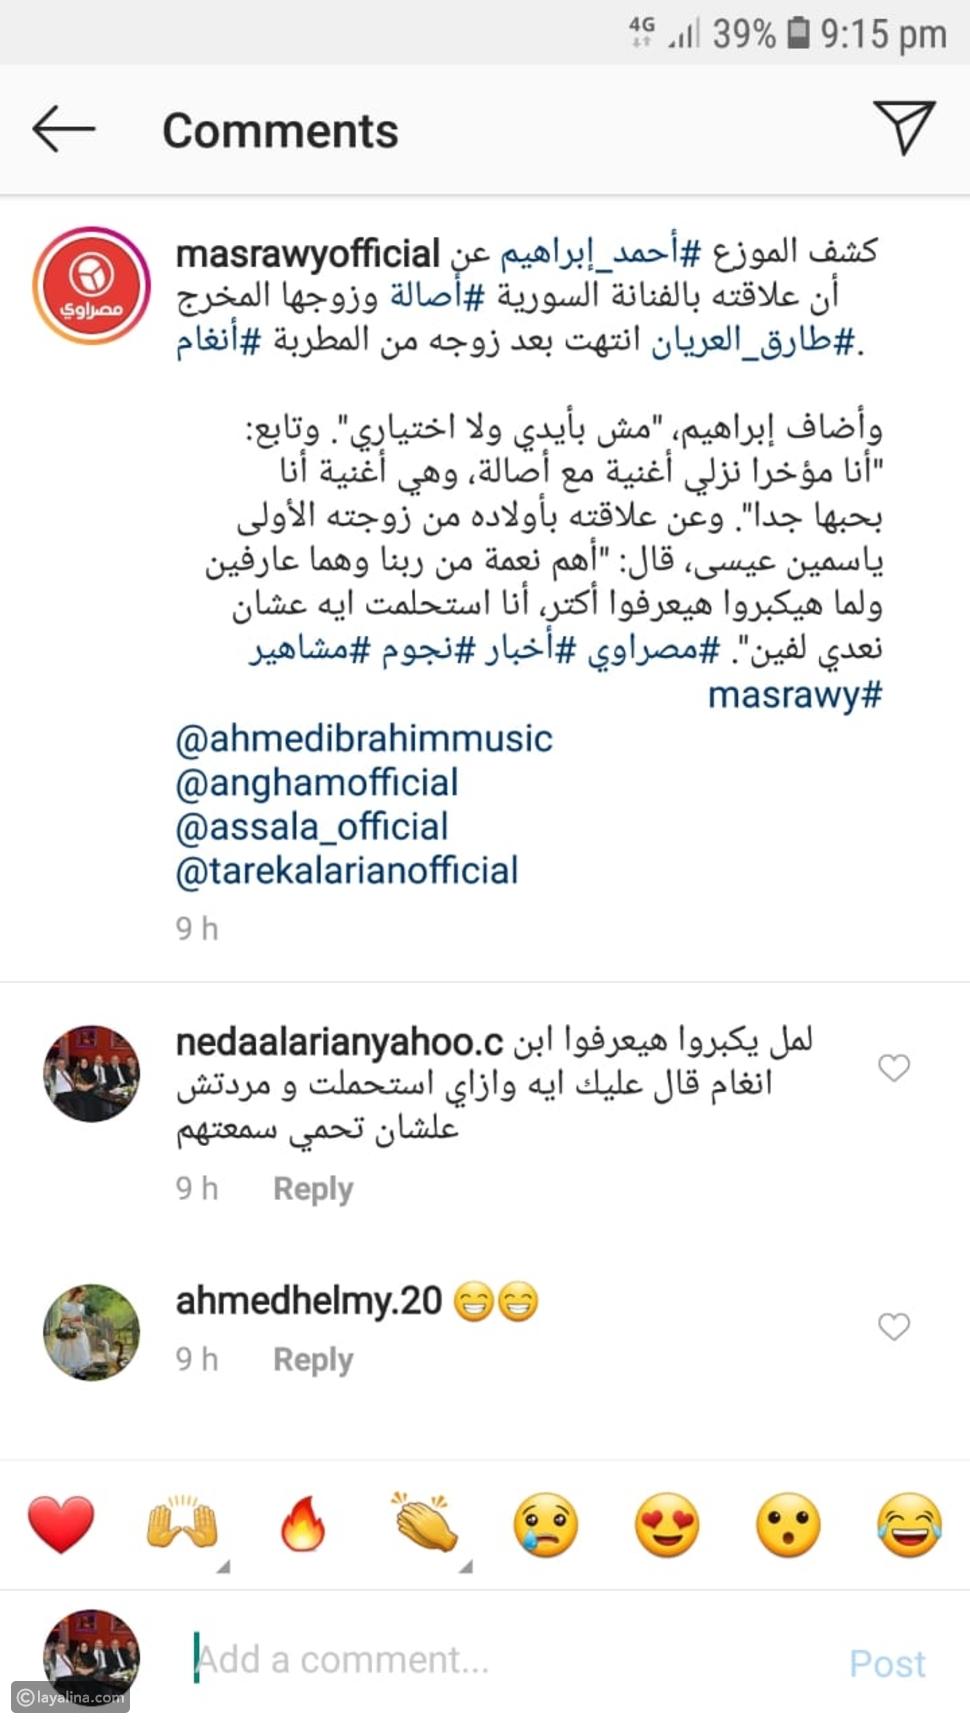 تعليق حماة أحمد إبراهيم على تصريحه الذي استفزها